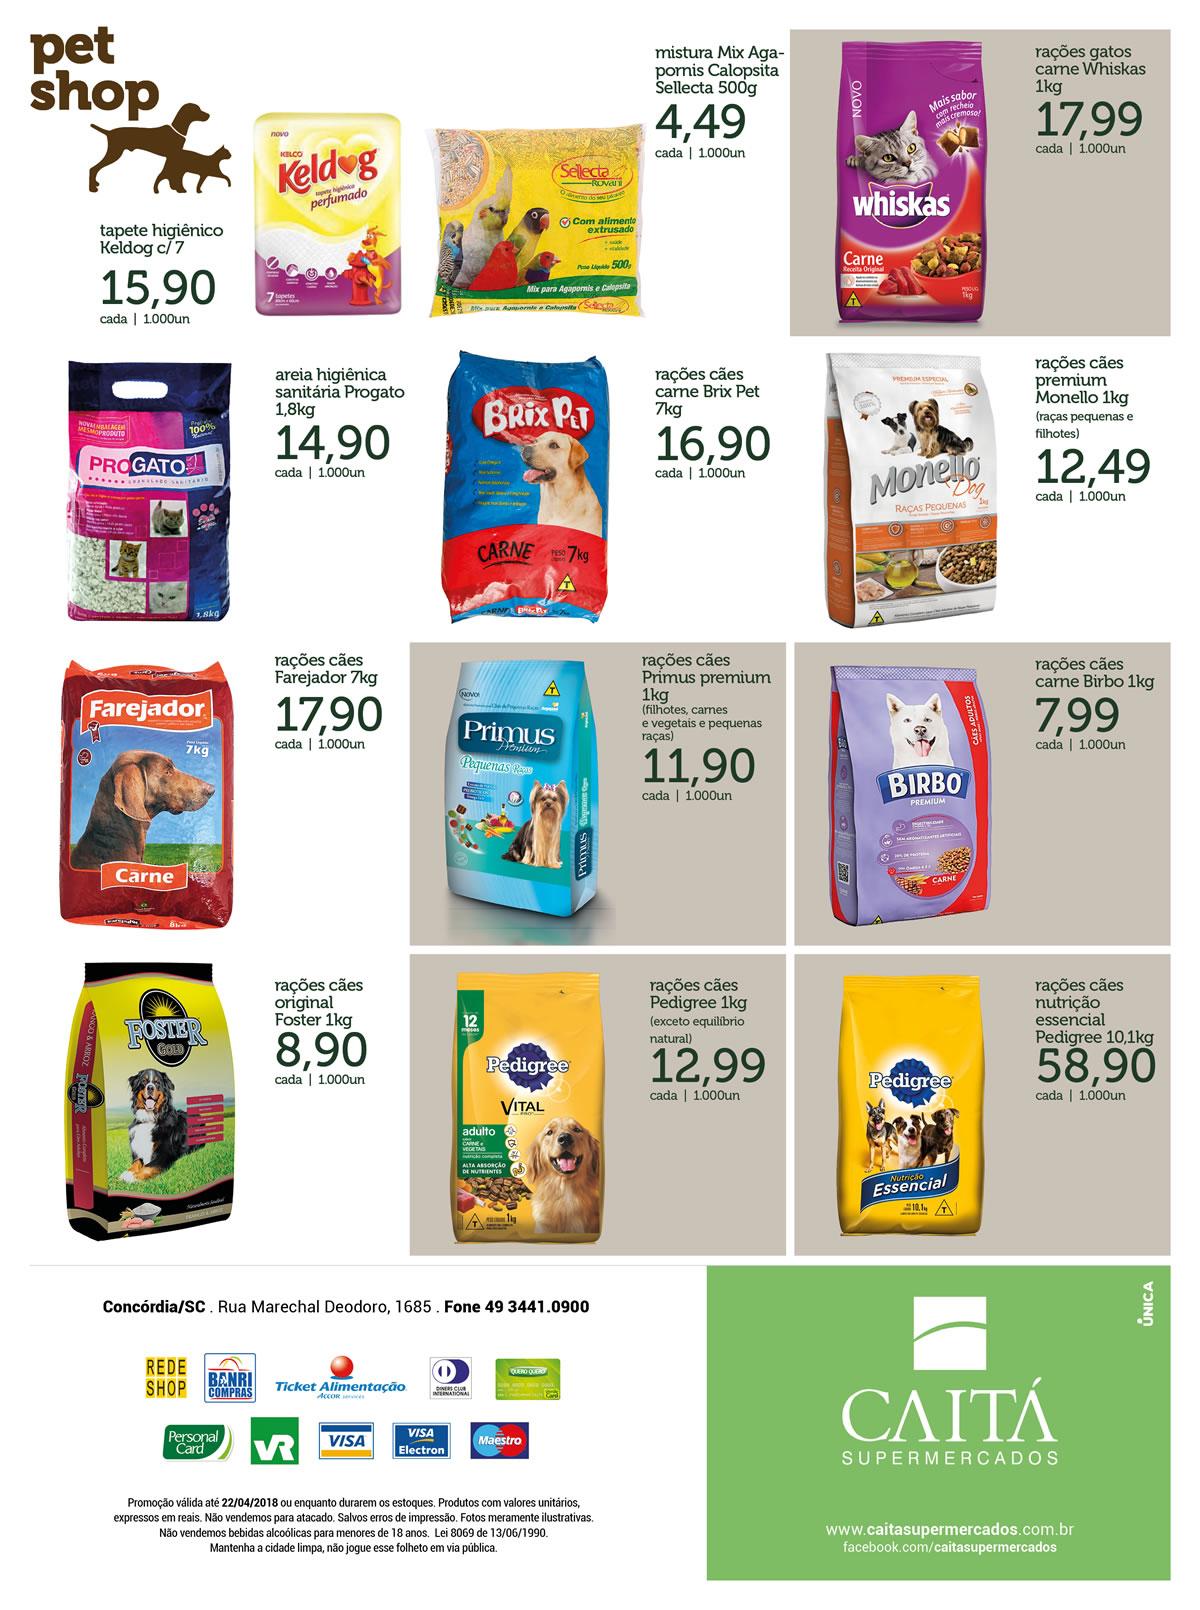 caita_supermercados_tabloide_abril_concordia_20